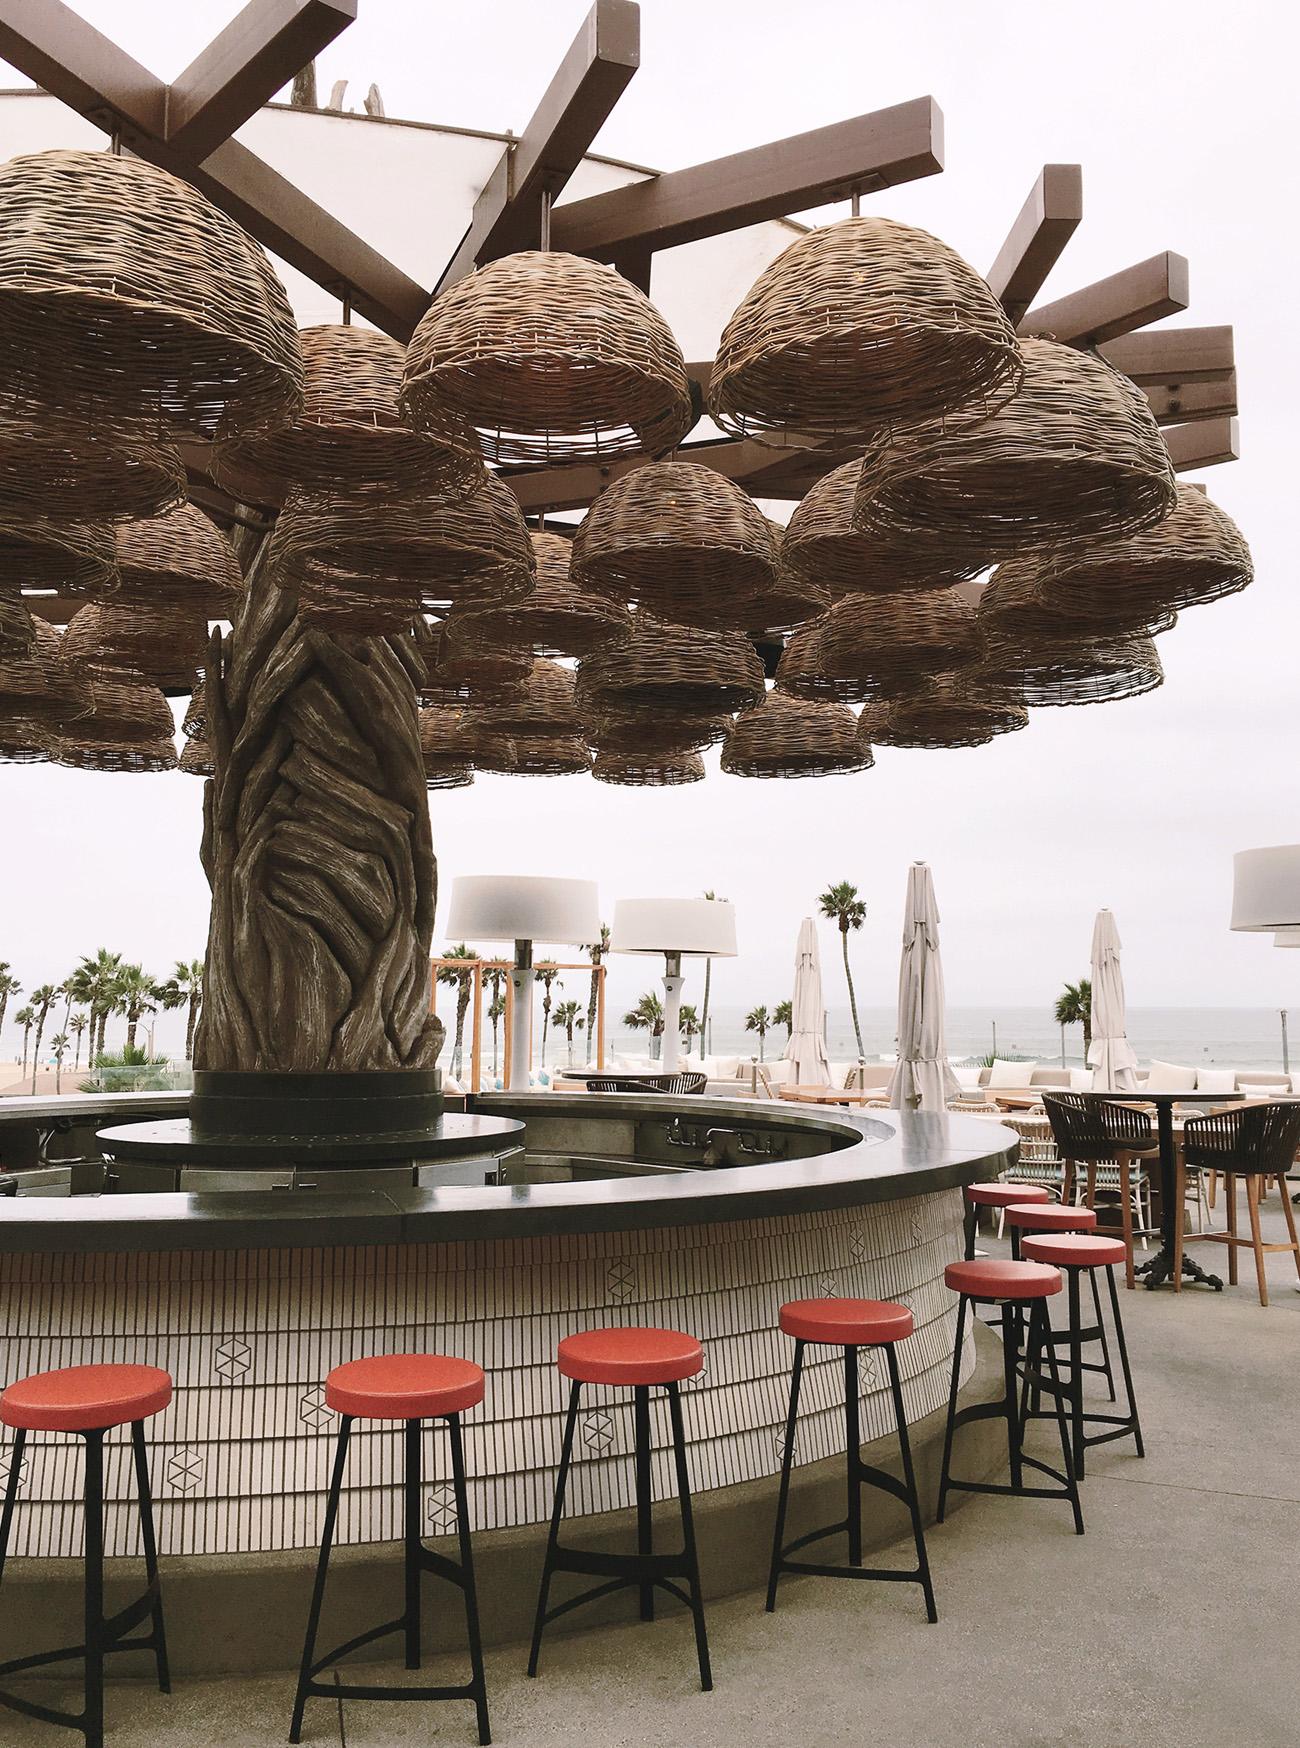 Tanner's Rooftop Bar Huntington Beach